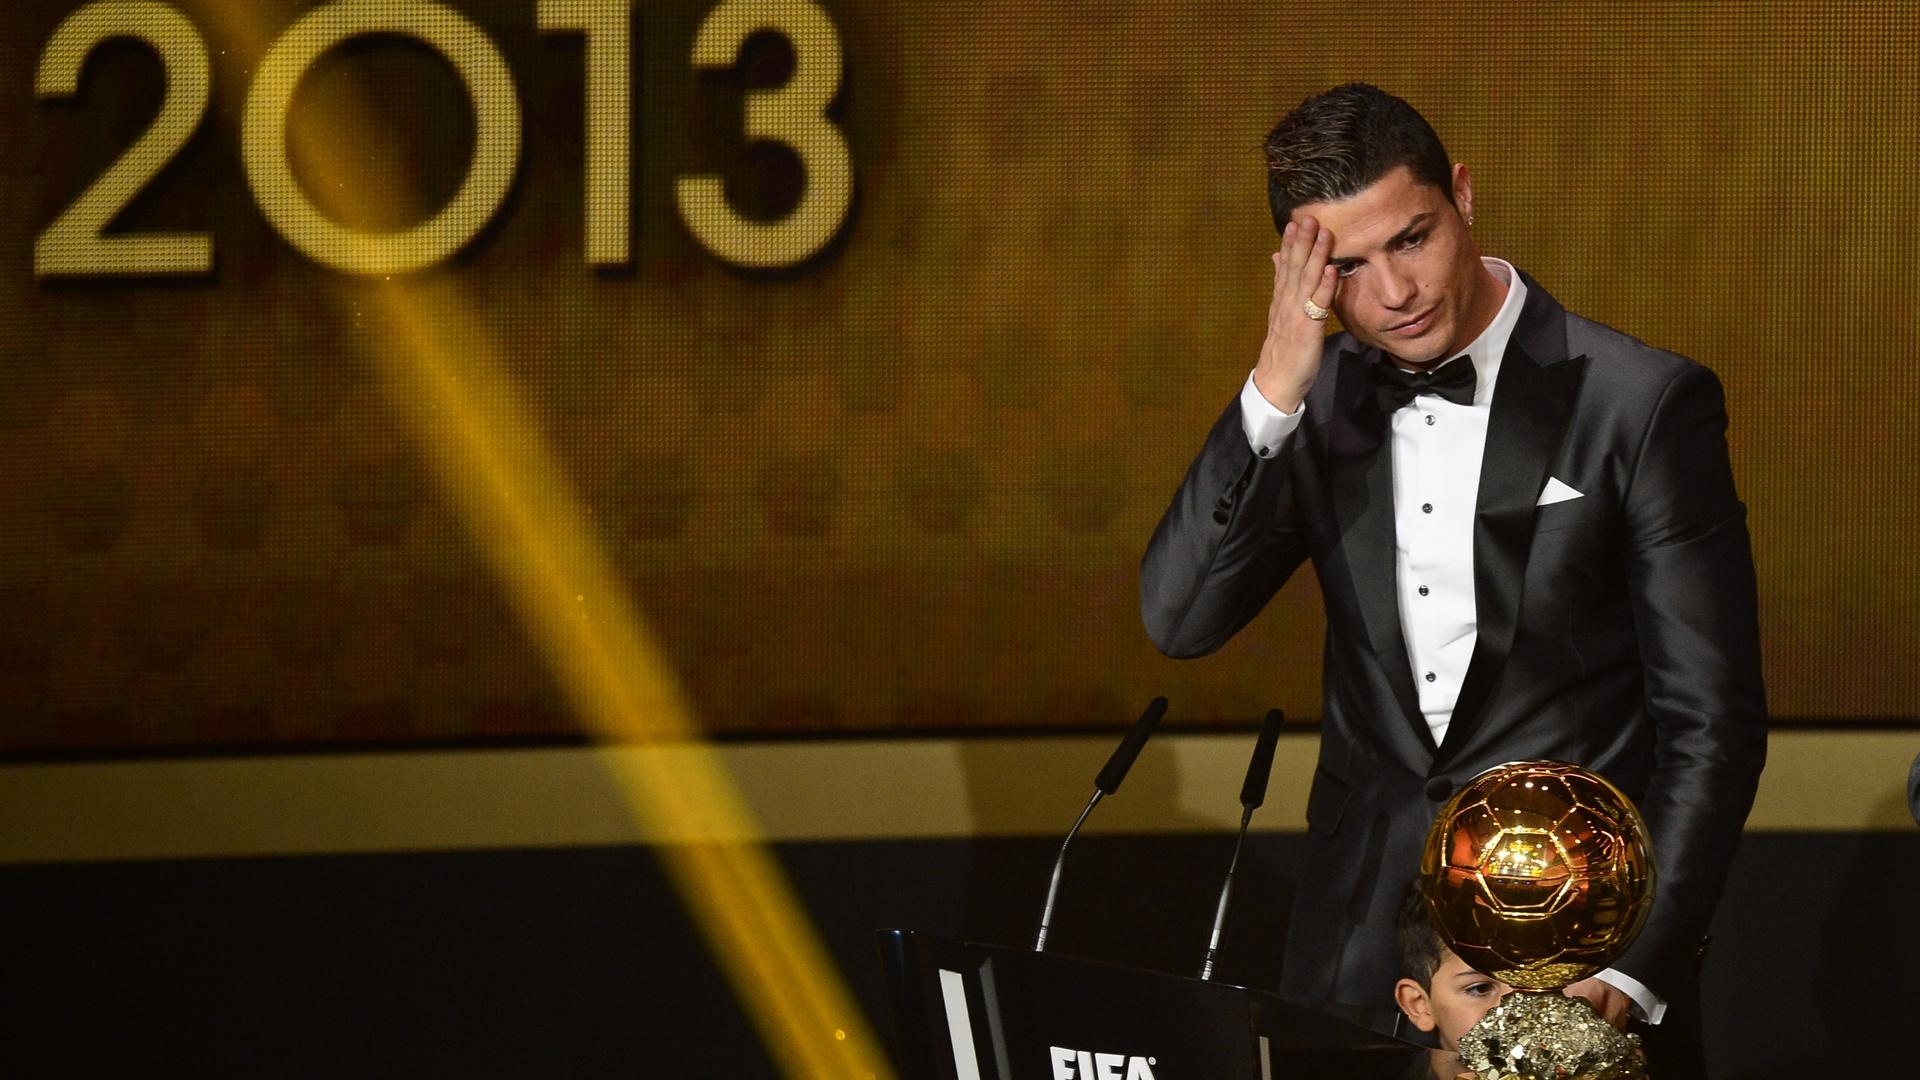 Cristiano Ronaldo 2013 Ballon d'Or